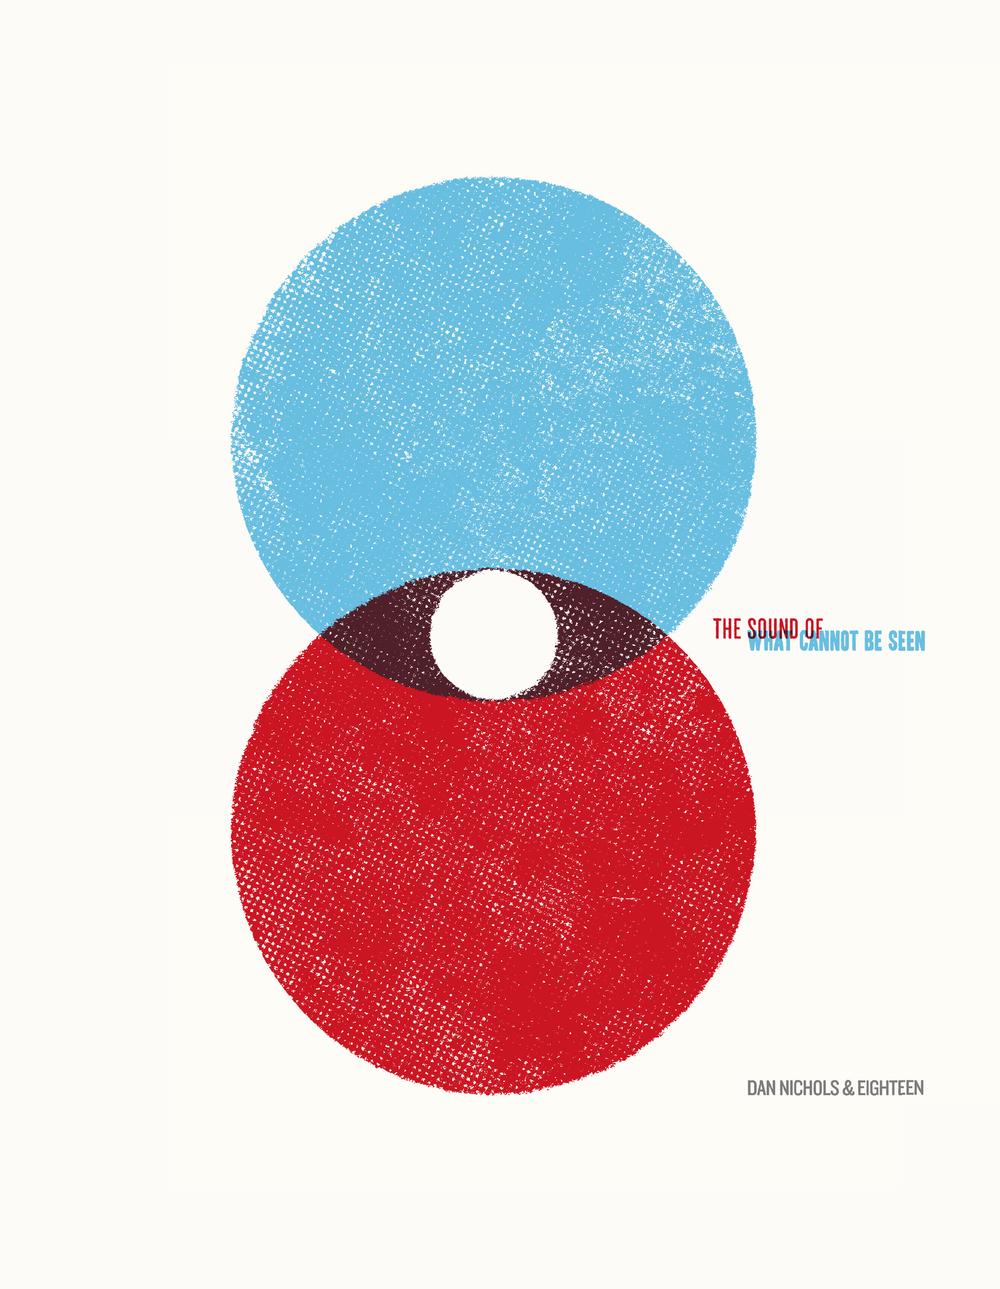 8TSOWCBS-Songbook-Cover-revised-1-3-14.jpg